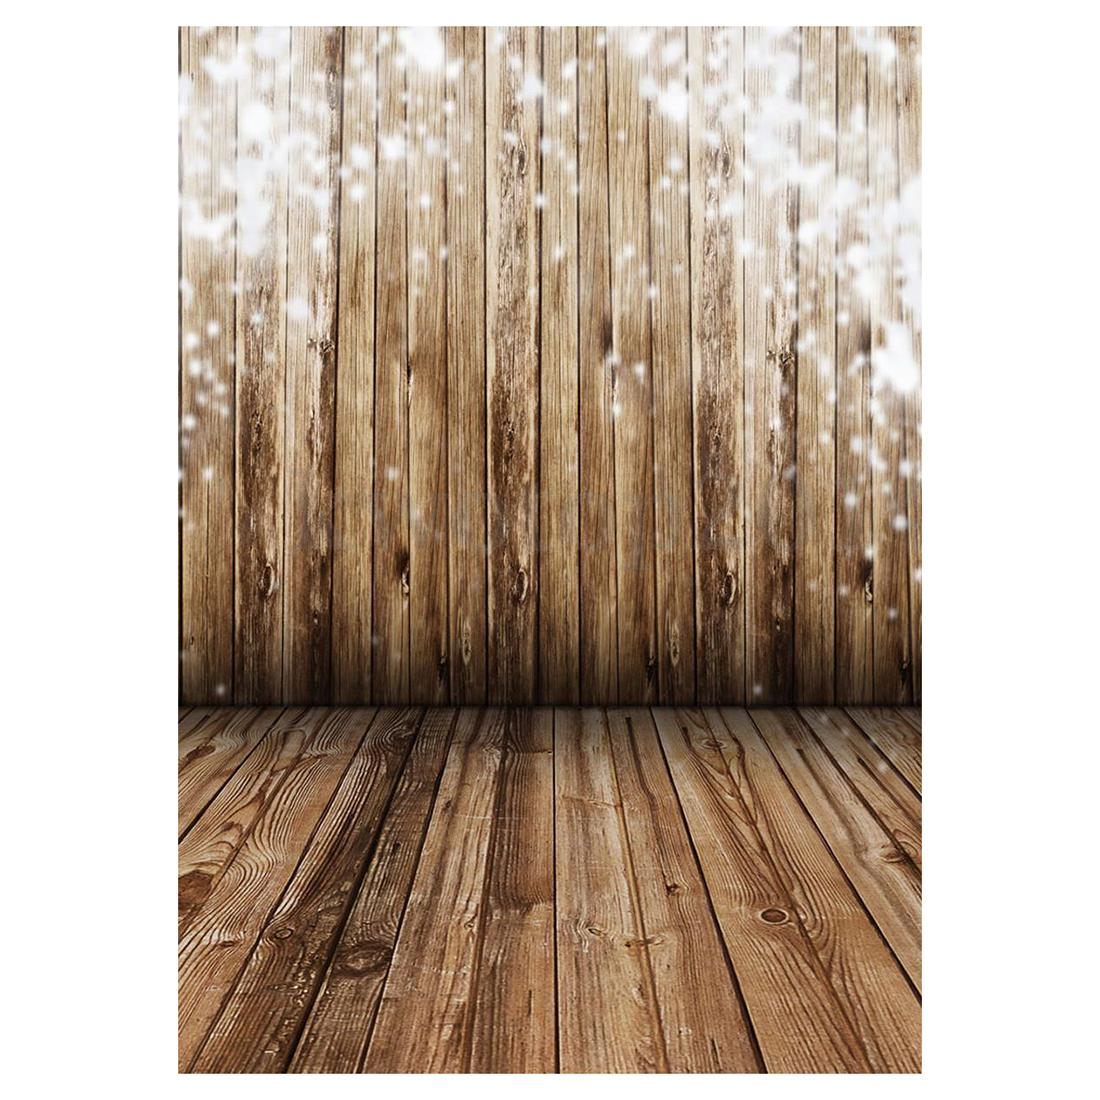 Großhandel 3x5ft Holz Wand Boden Vinyl Fotografie Hintergrund Foto